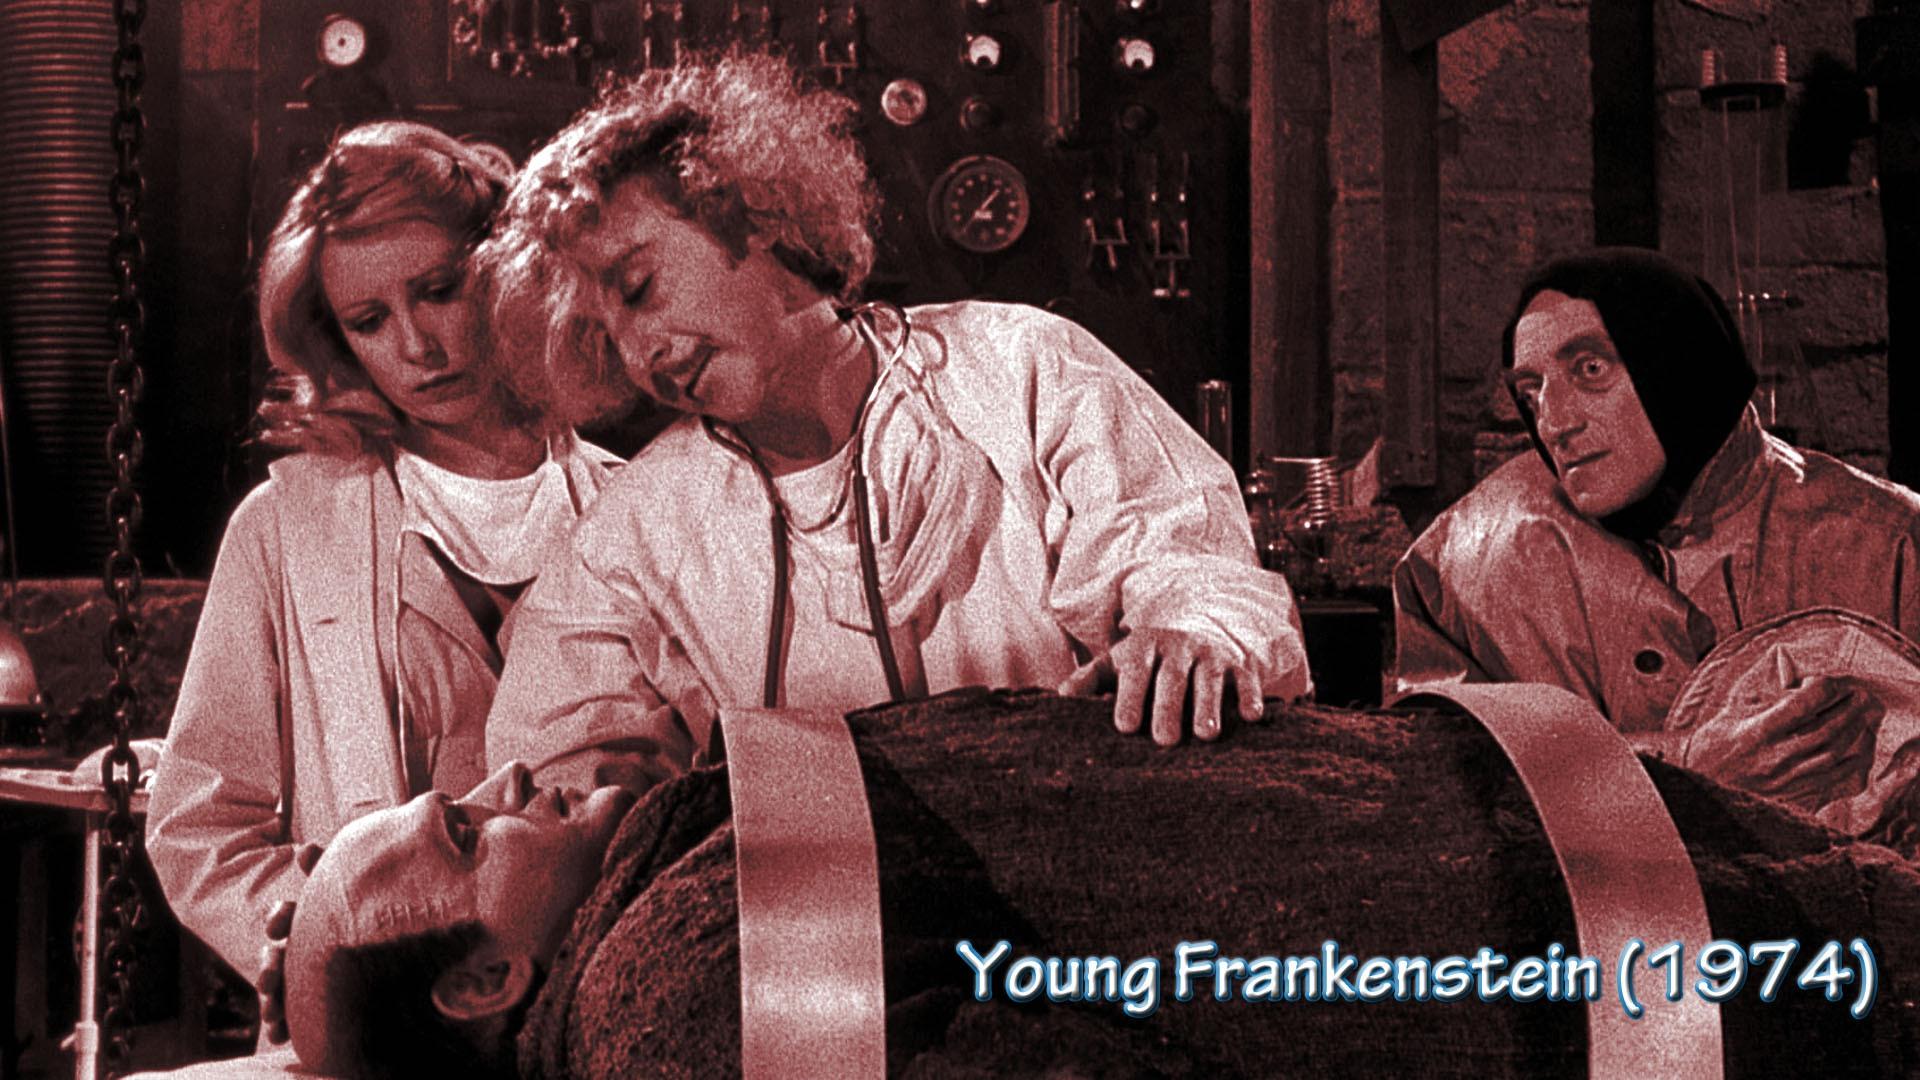 Young Frankenstein 1974 desktop wallpaper 1920x1080